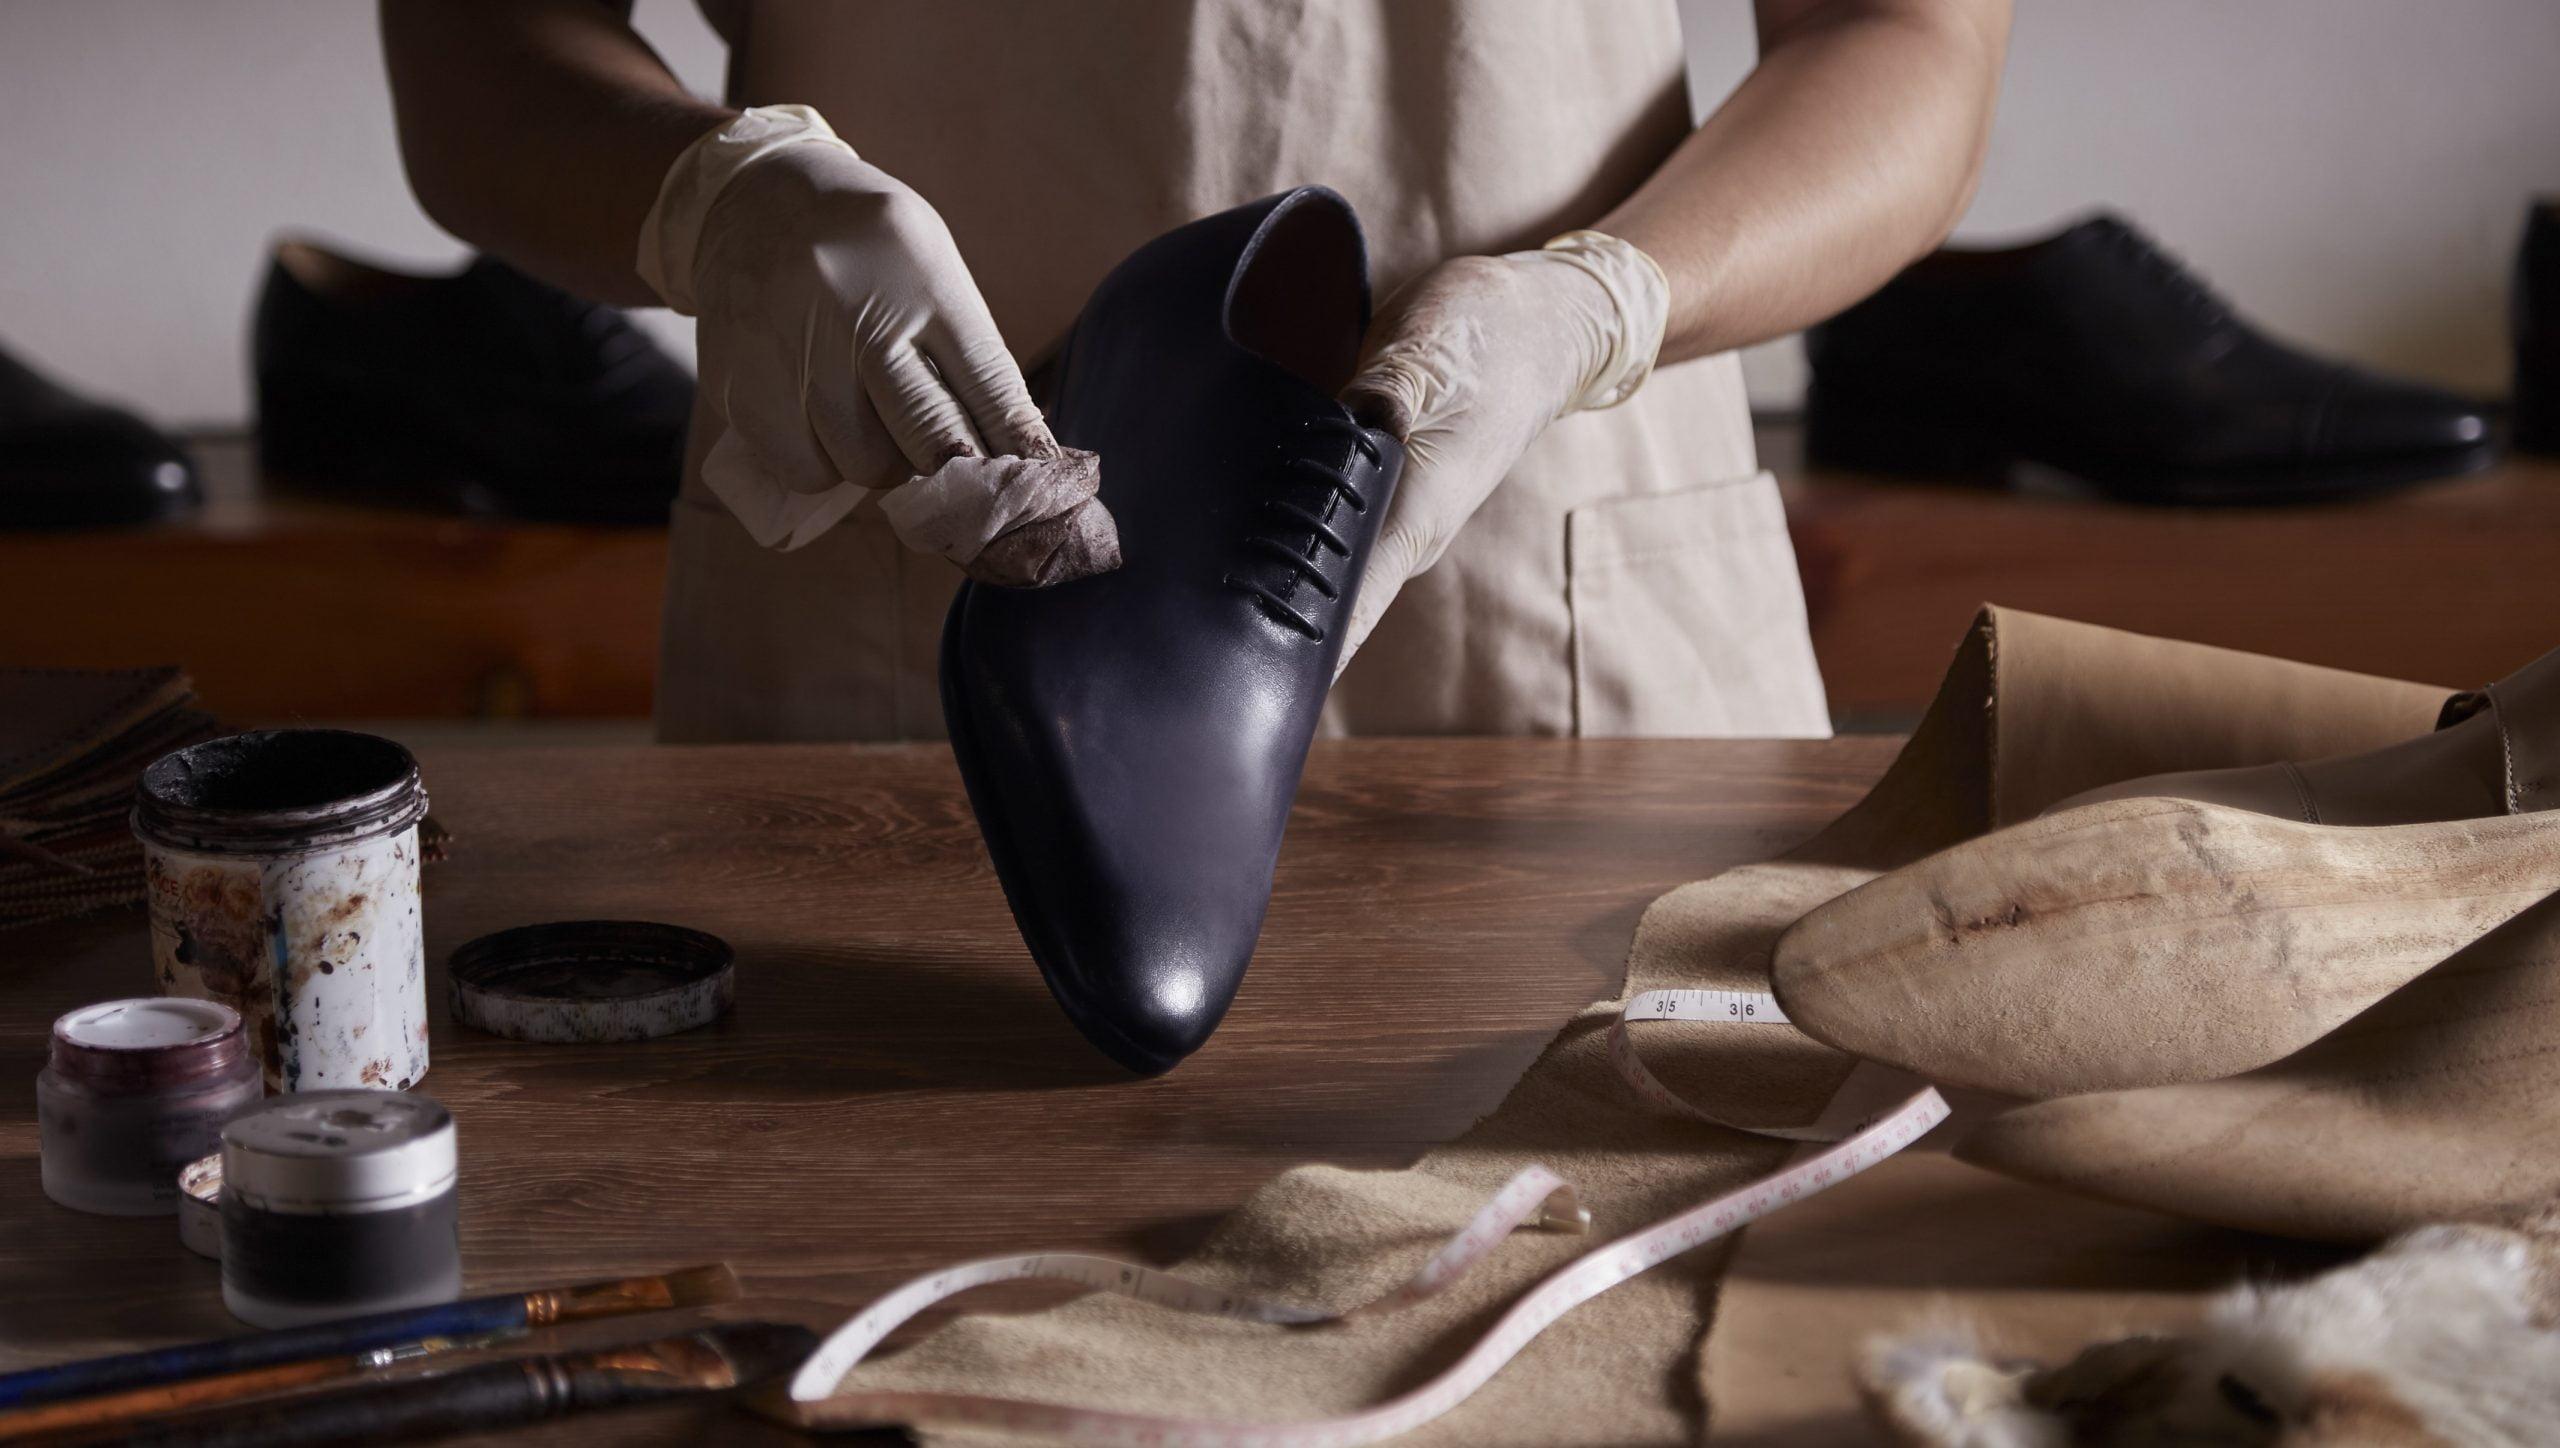 Lựa chọn các xưởng giày có thể giúp bạn an tâm hơn